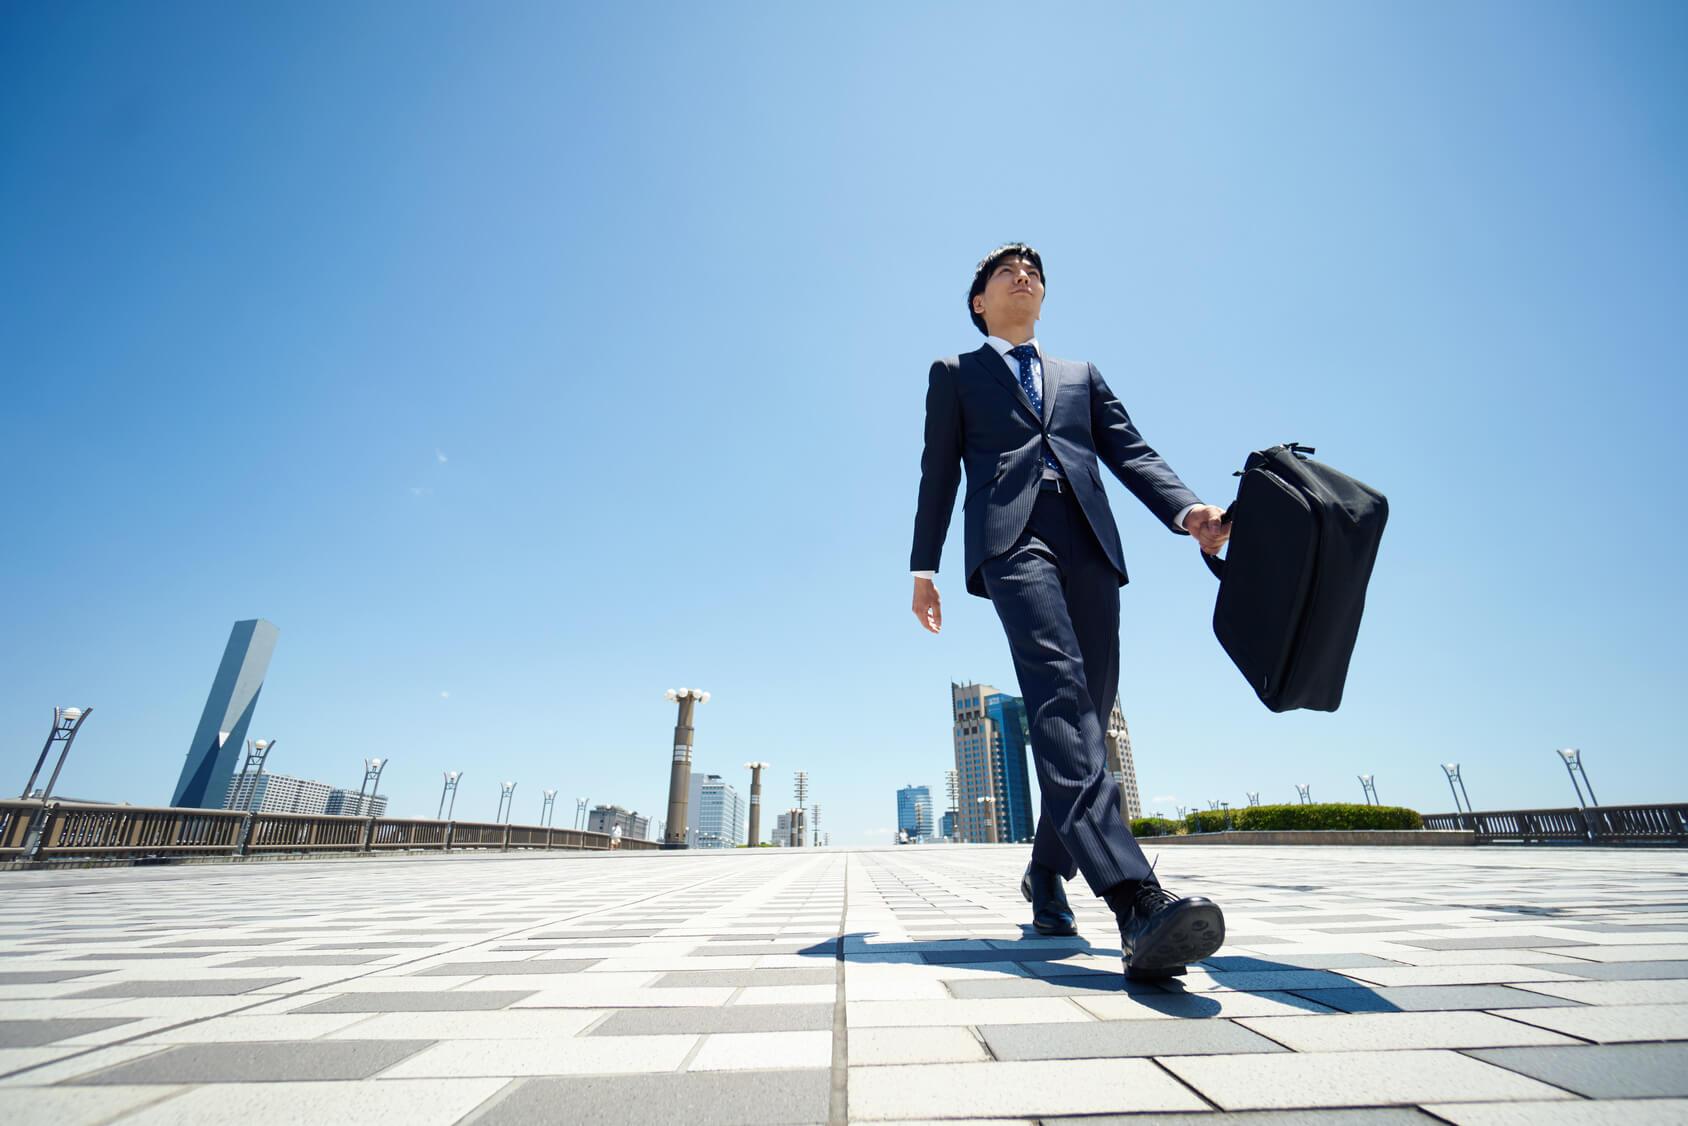 バッグを持ち歩くビジネスマン